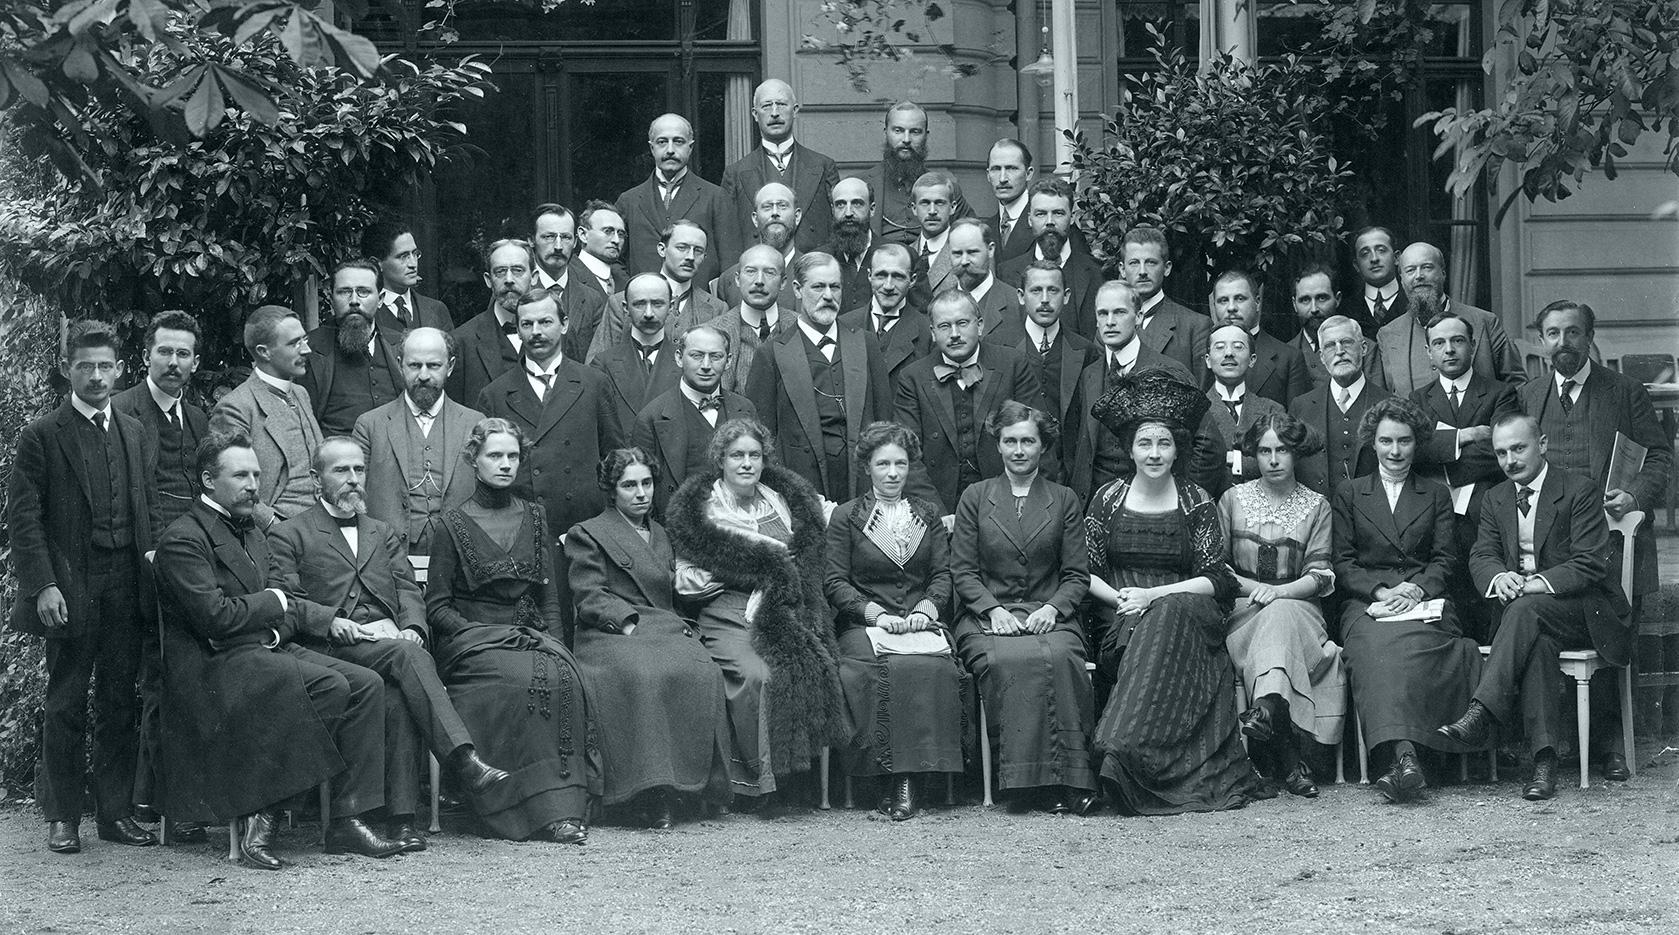 Franz Vältl: Kongressfoto 1911, zur Verfügung gestellt von Michael Schröter.